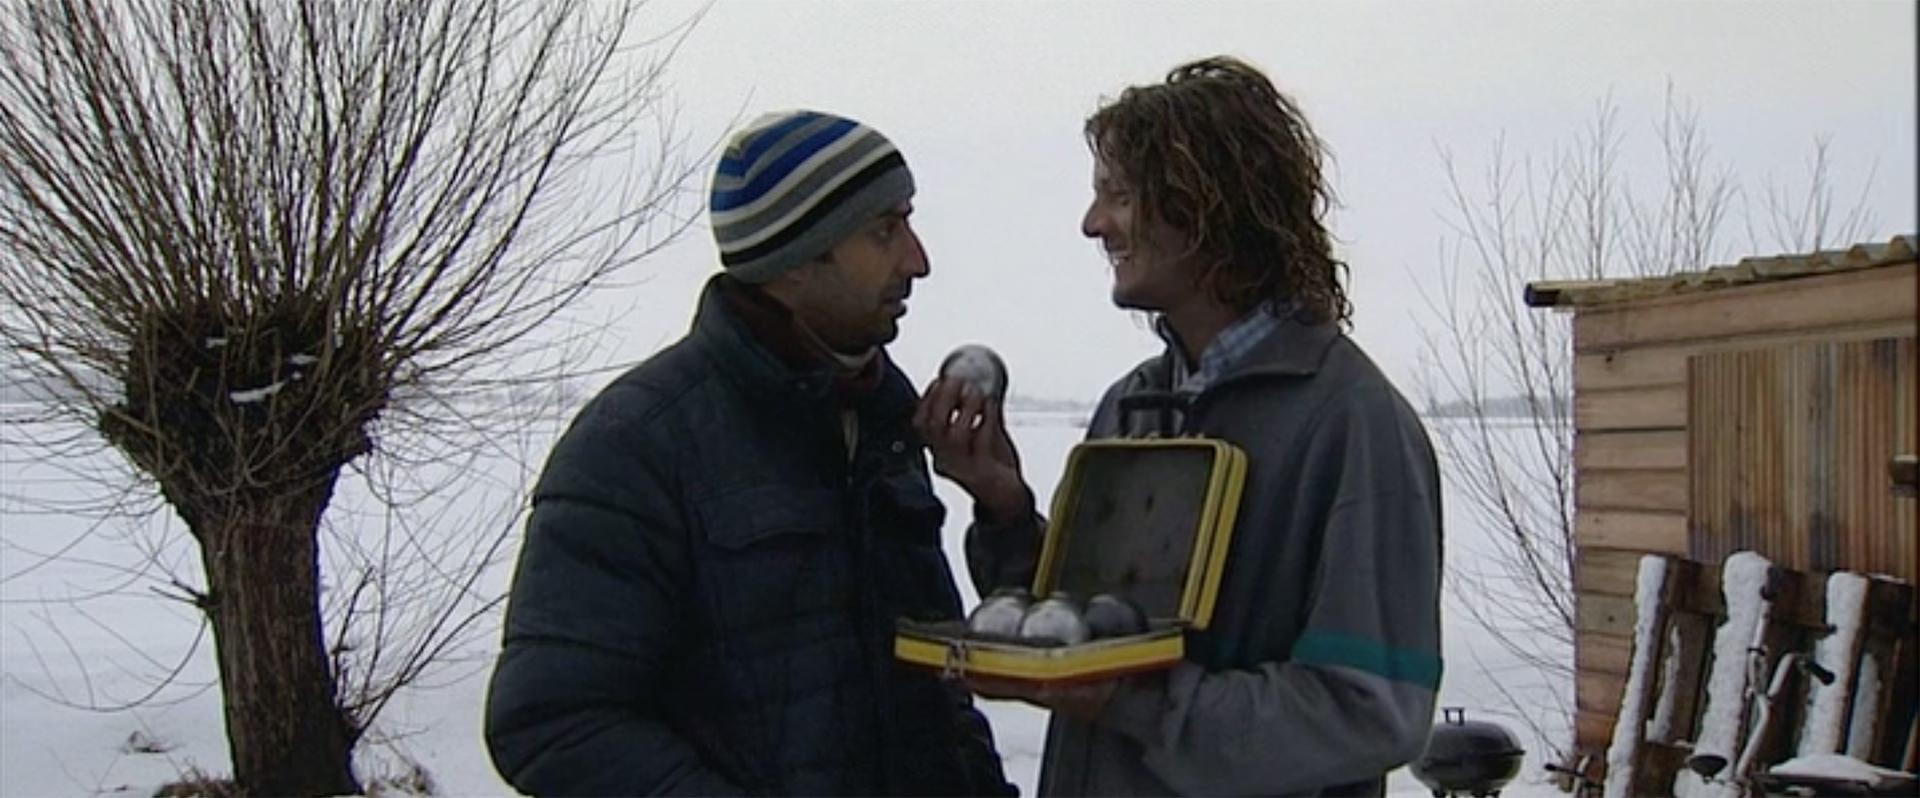 """Filmstill uit """"De Boule de Boule"""" met Hossein Mardani en Tygo Gernandt"""